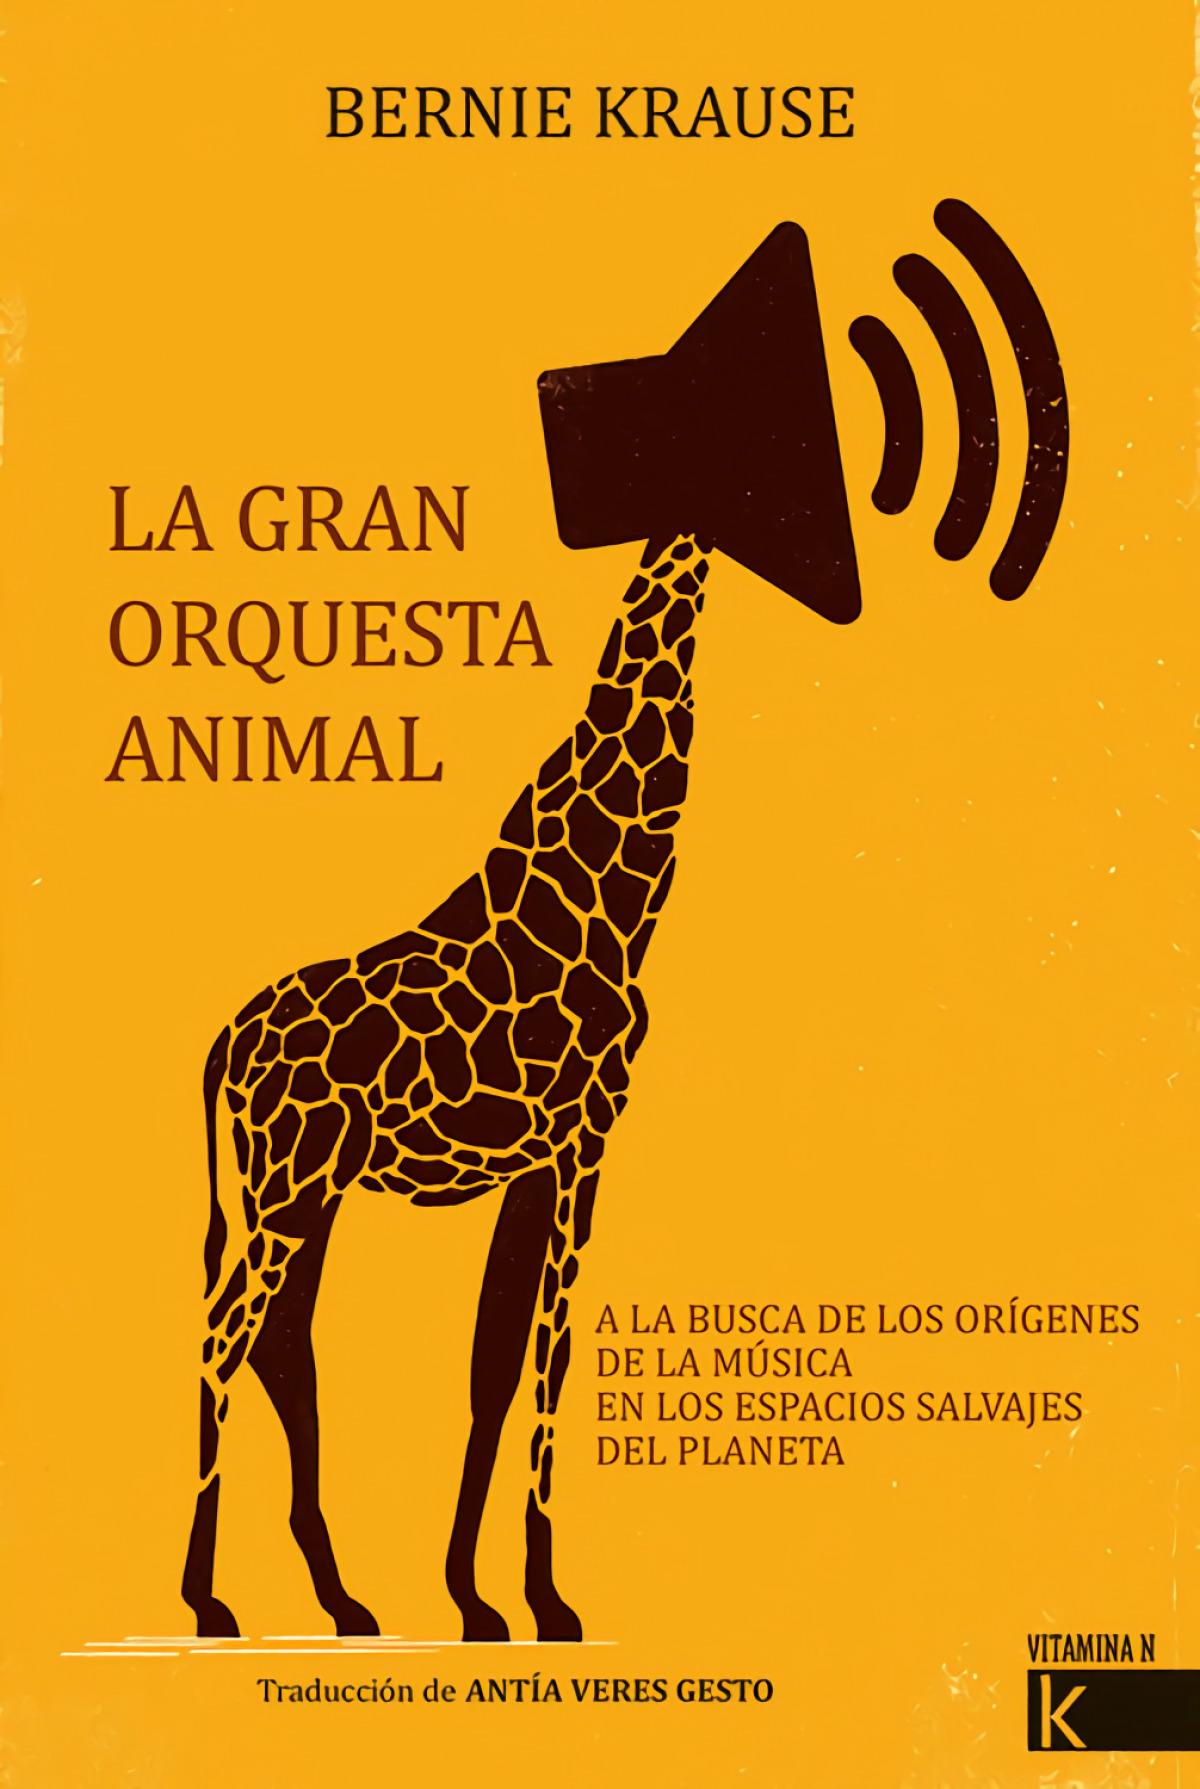 La gran orquesta animal